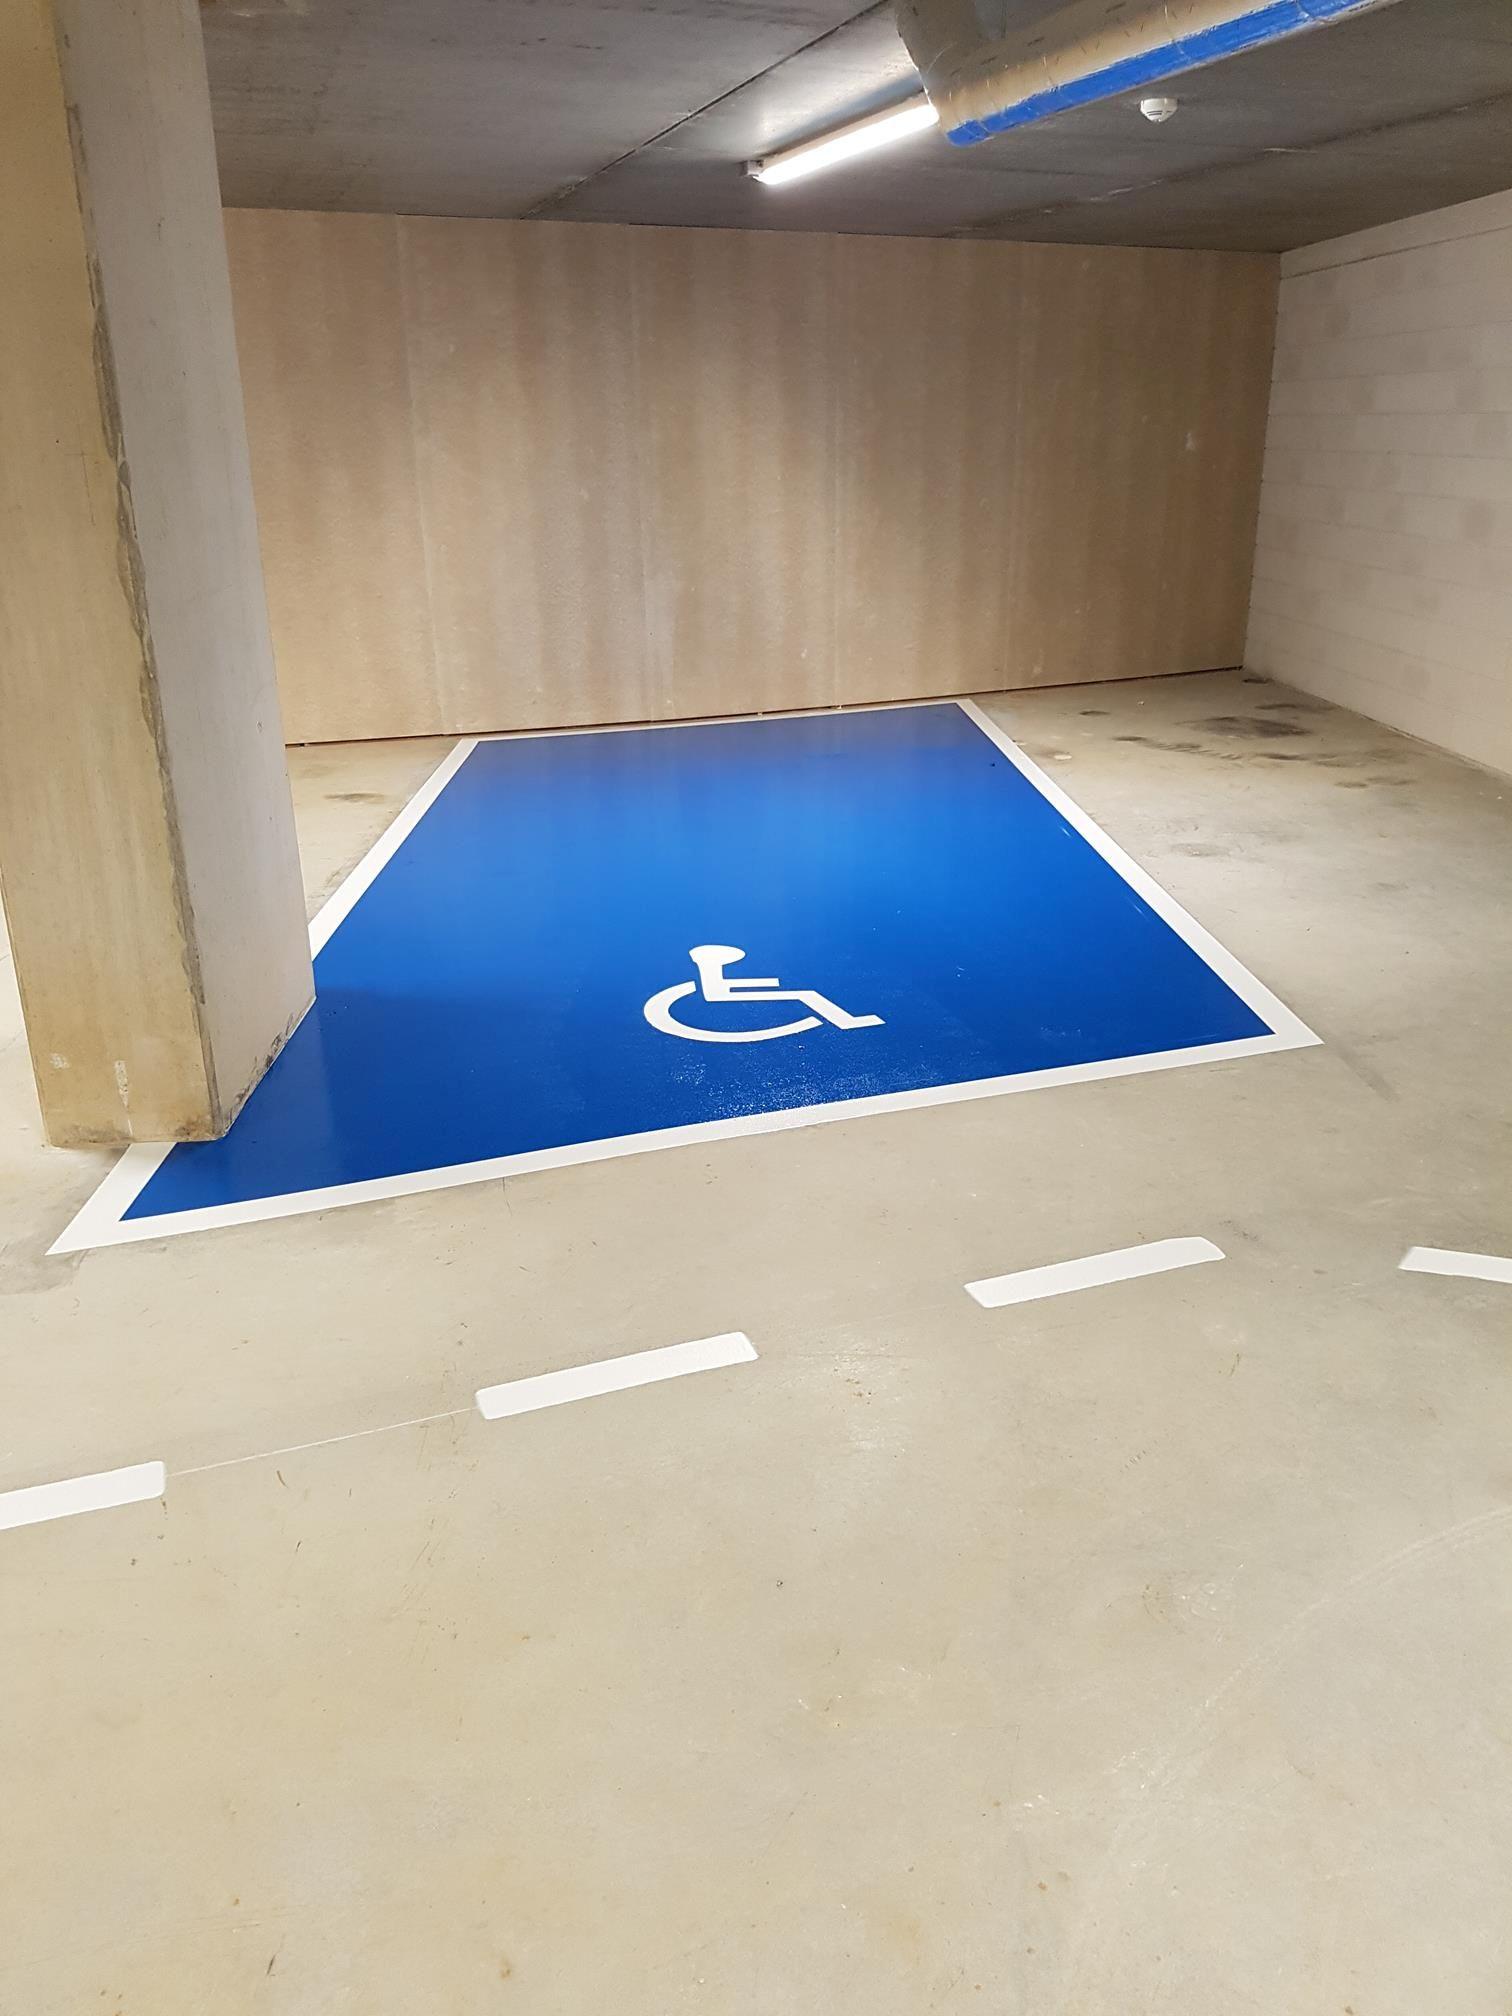 mindervalide parkeervak fullcoating blauw